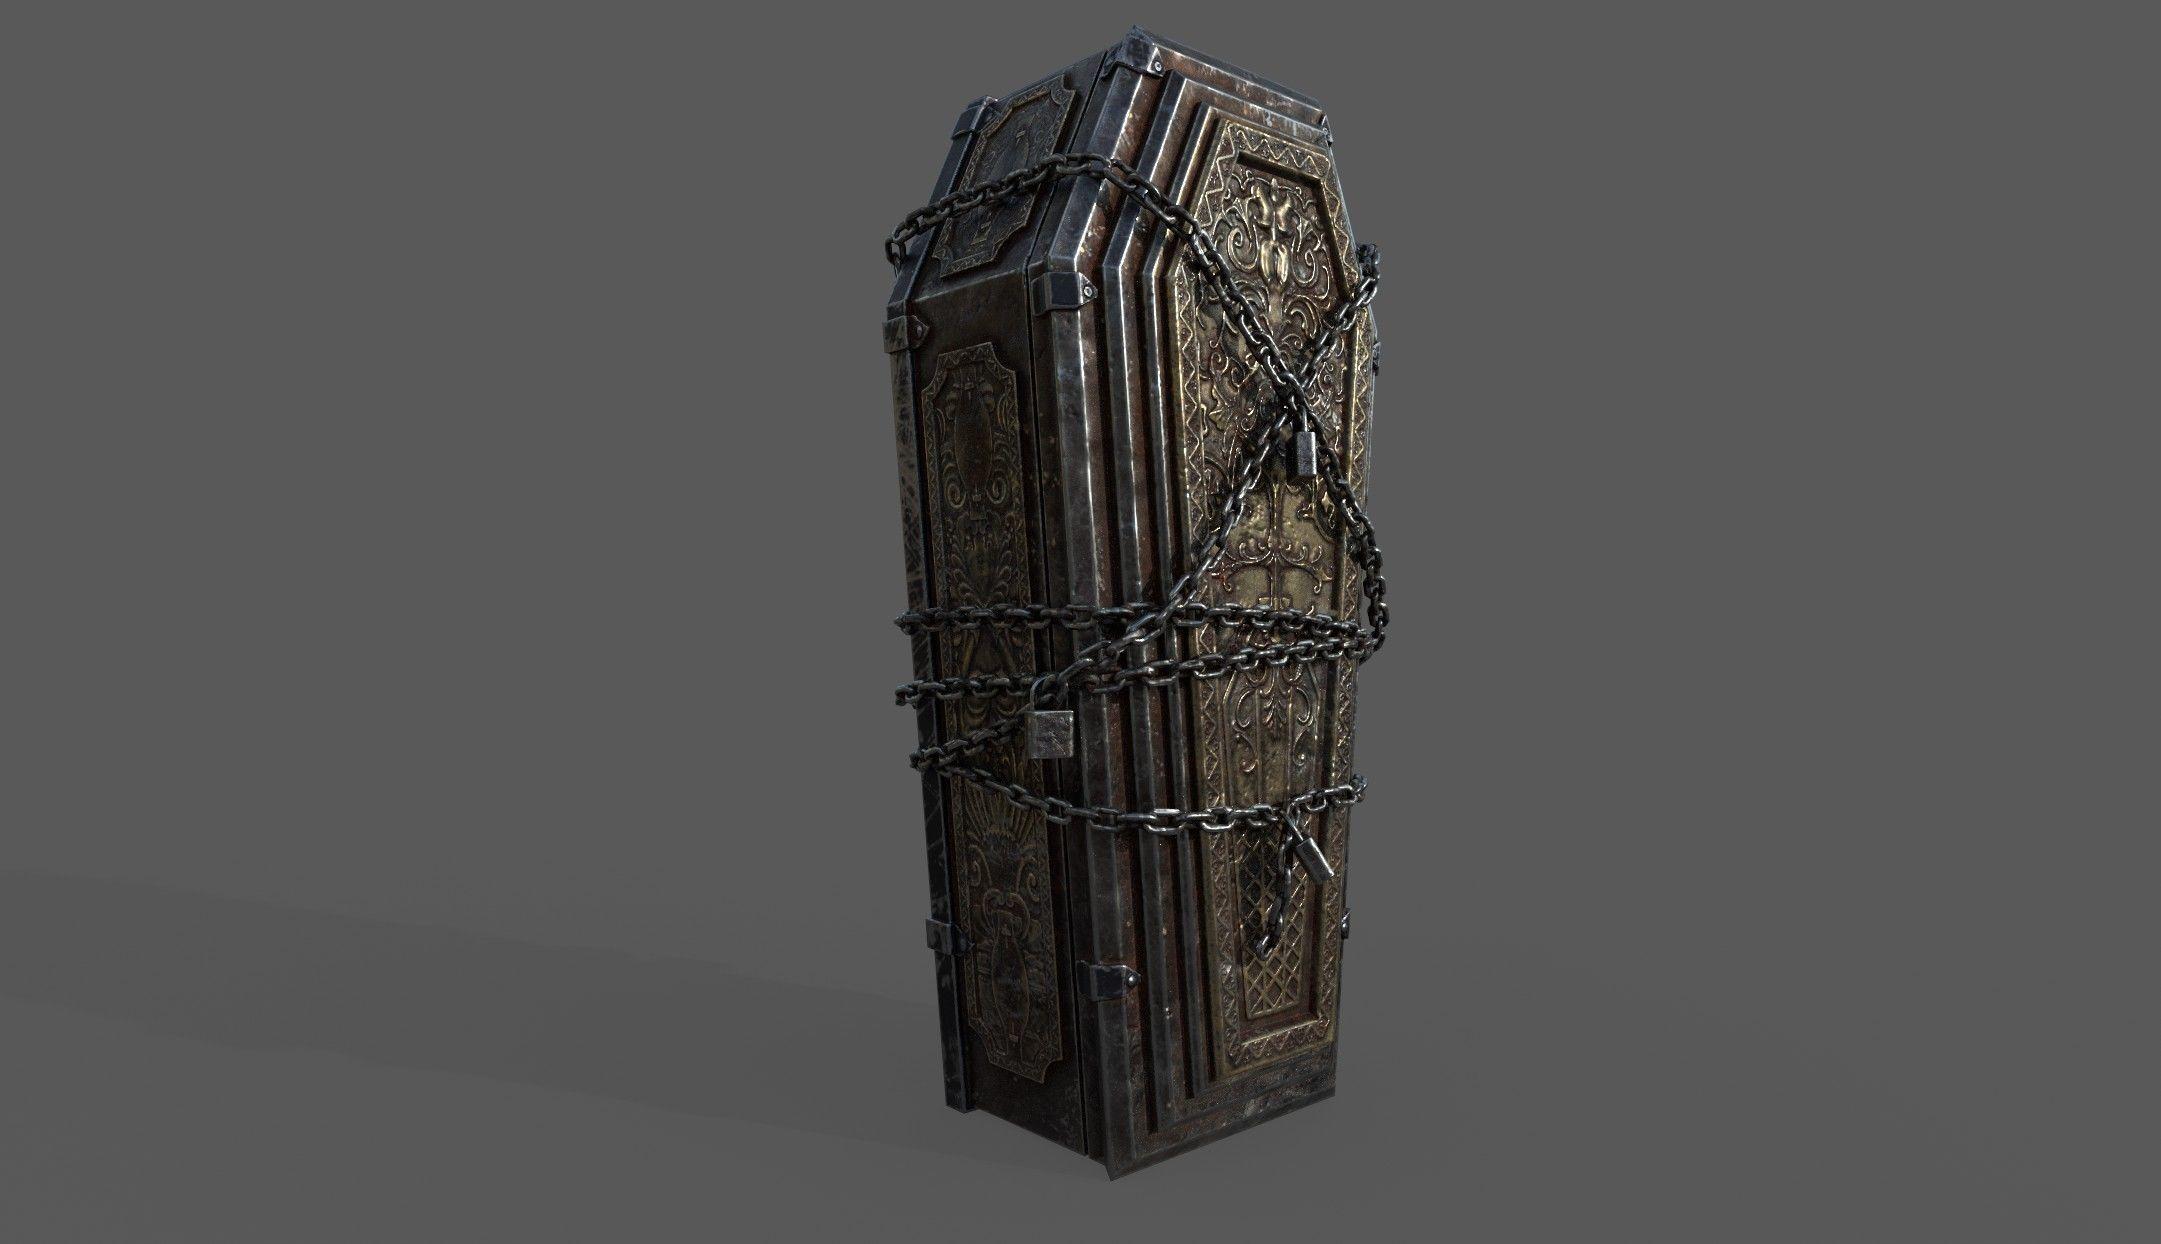 Bloodborne Style Coffin